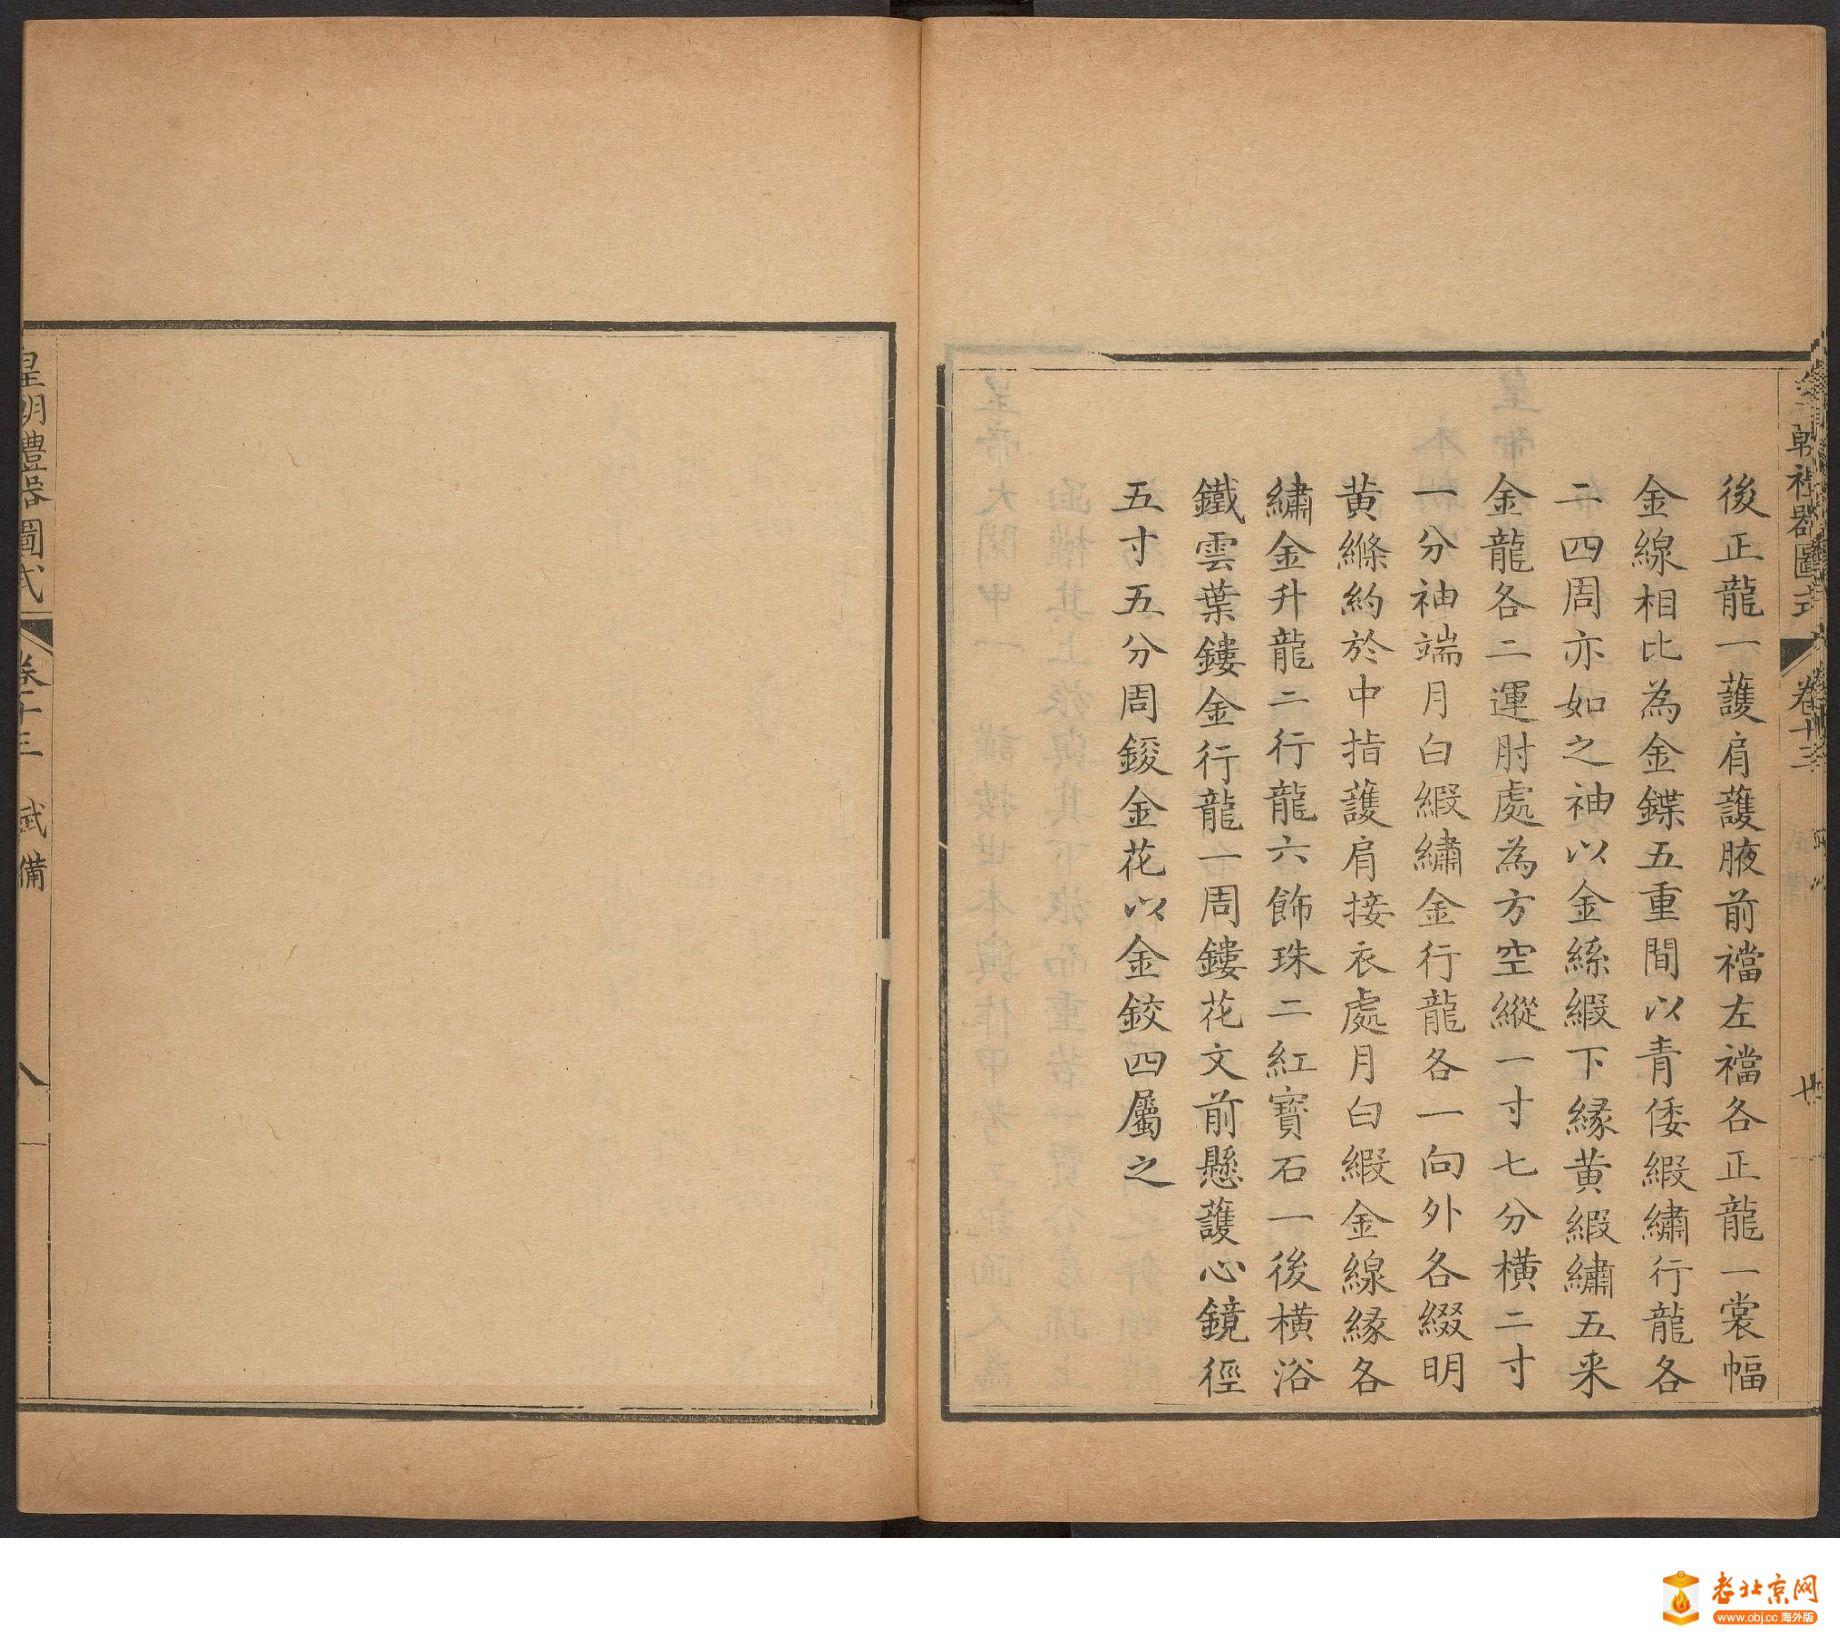 1_page8_image1 - 複製aa.jpg